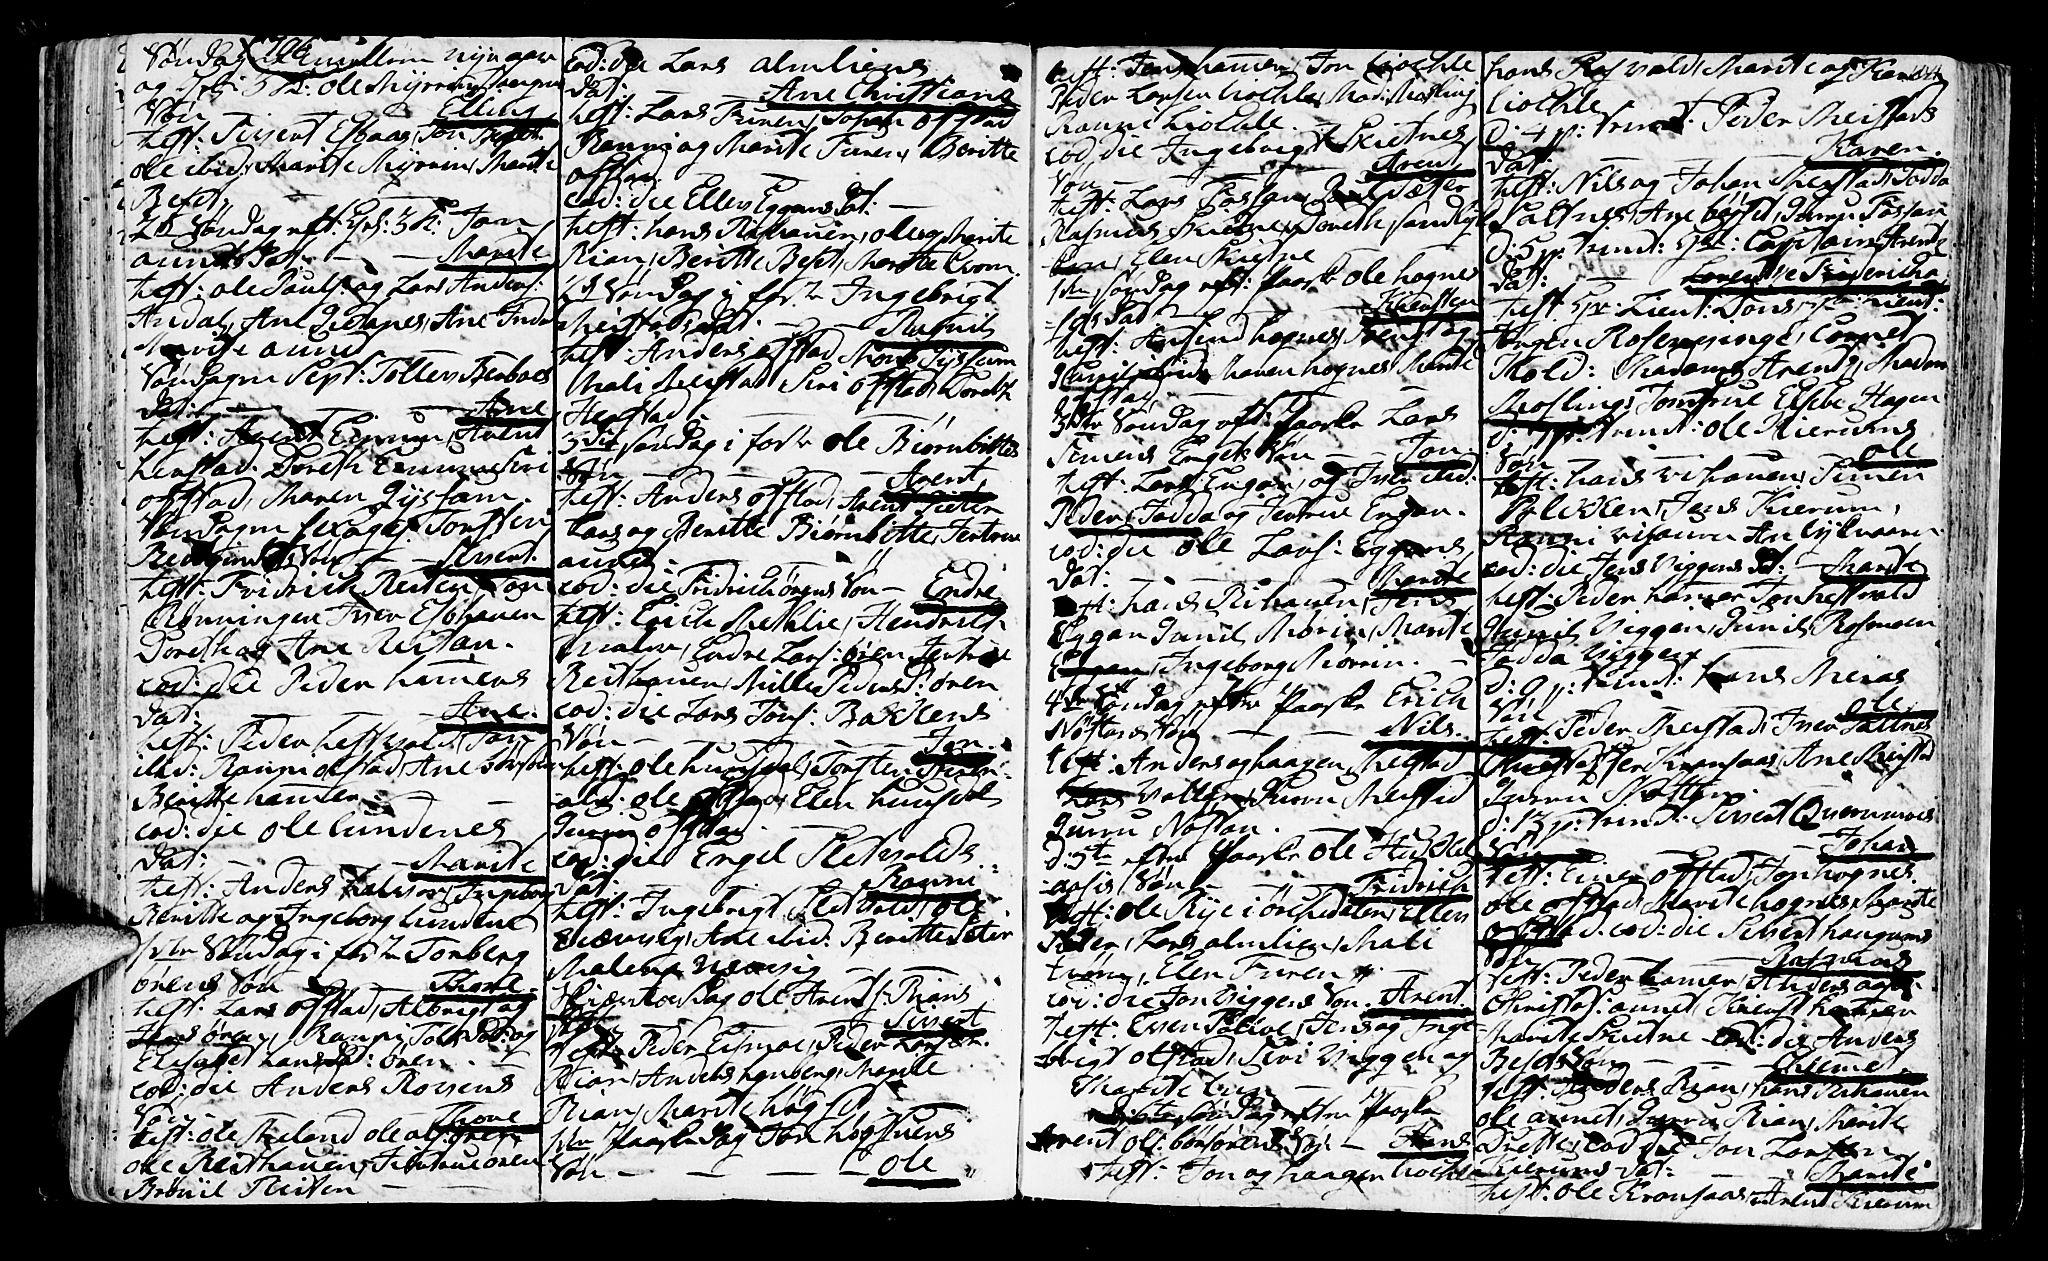 SAT, Ministerialprotokoller, klokkerbøker og fødselsregistre - Sør-Trøndelag, 665/L0768: Ministerialbok nr. 665A03, 1754-1803, s. 104